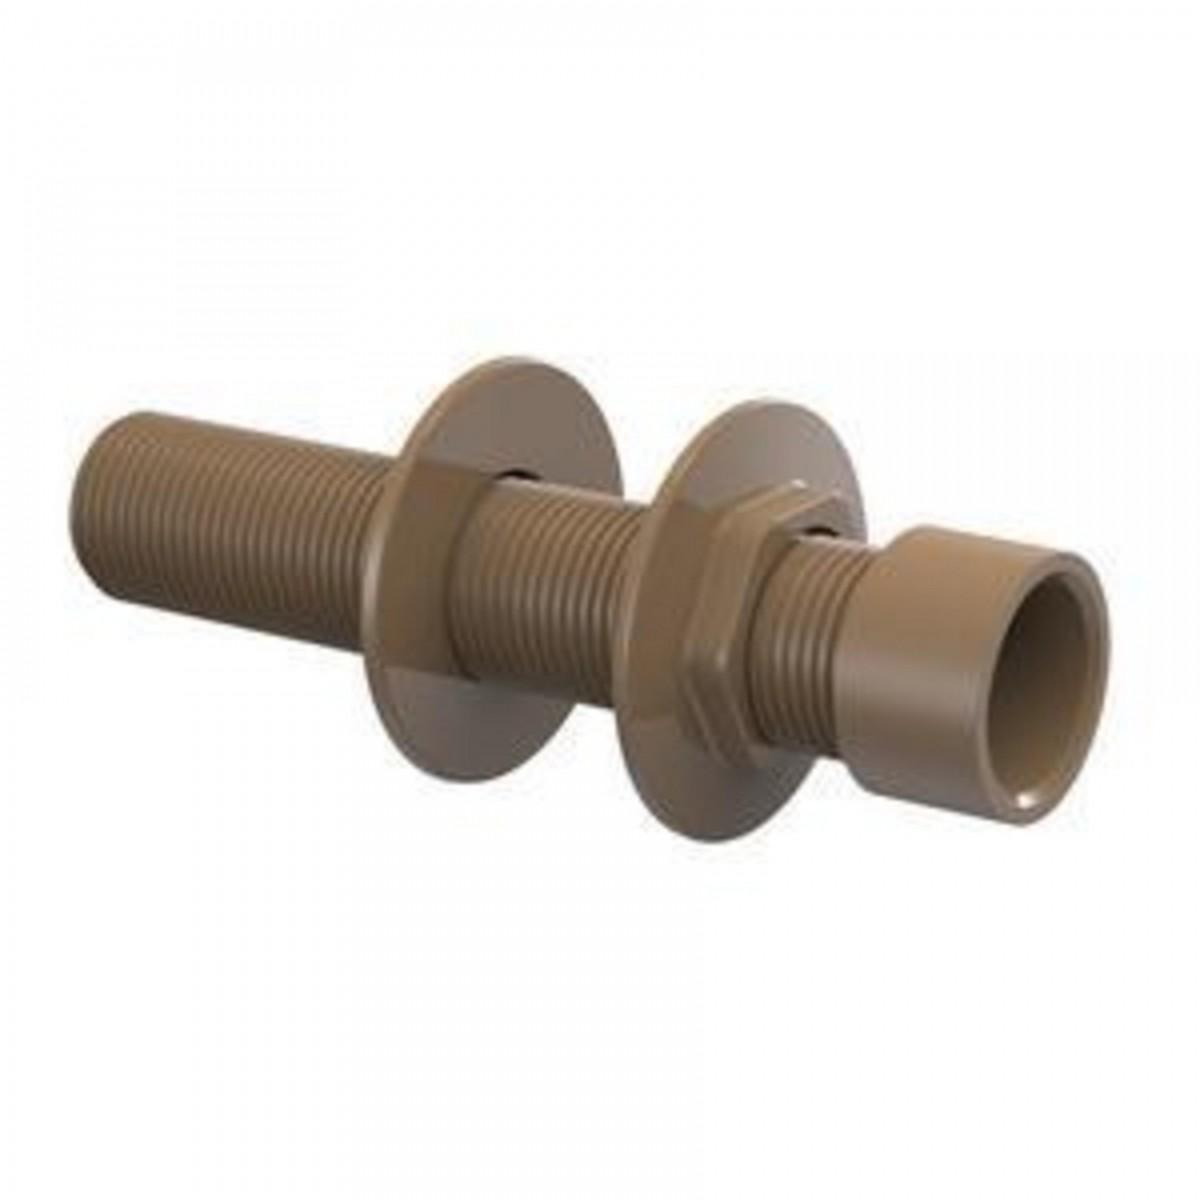 Solda Adaptador C/Anel P/Caixa D'agua 85mm (3